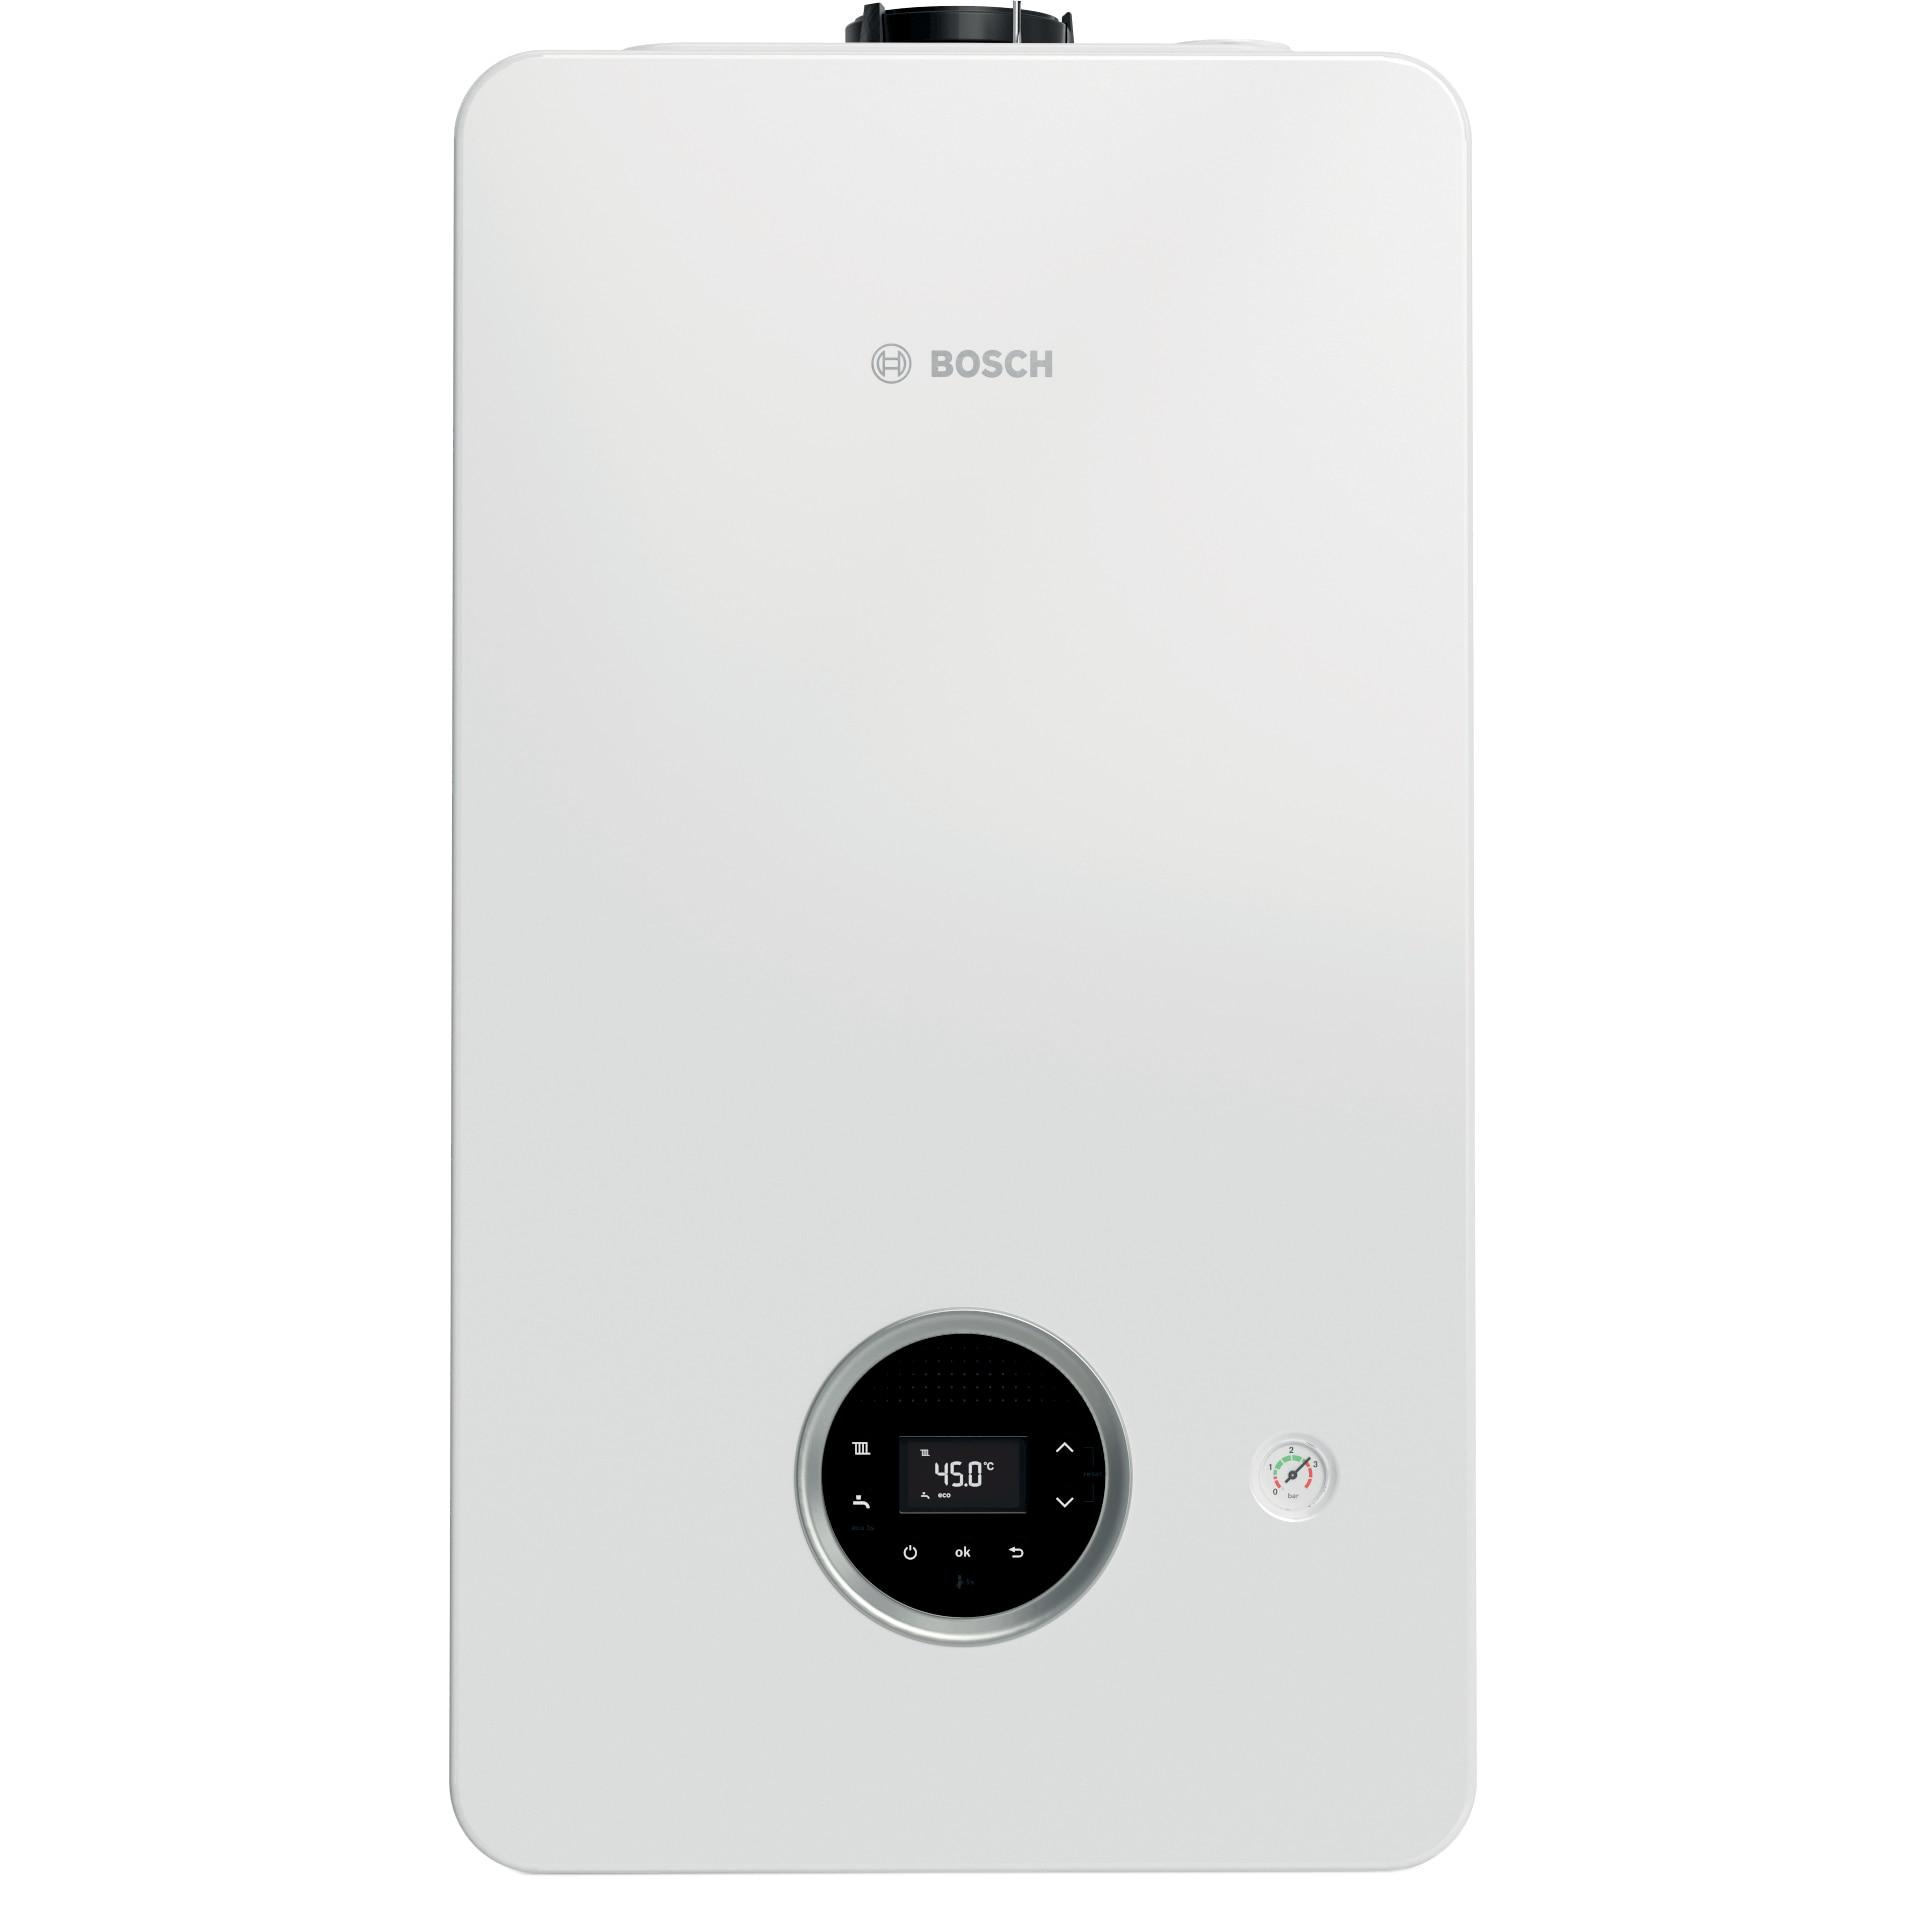 Fotografie Centrala in condensare Bosch Condens 2300 W, Gaz, 24/30 kW, Clasa A, GC2300 W 24 C 23, fara kit inclus